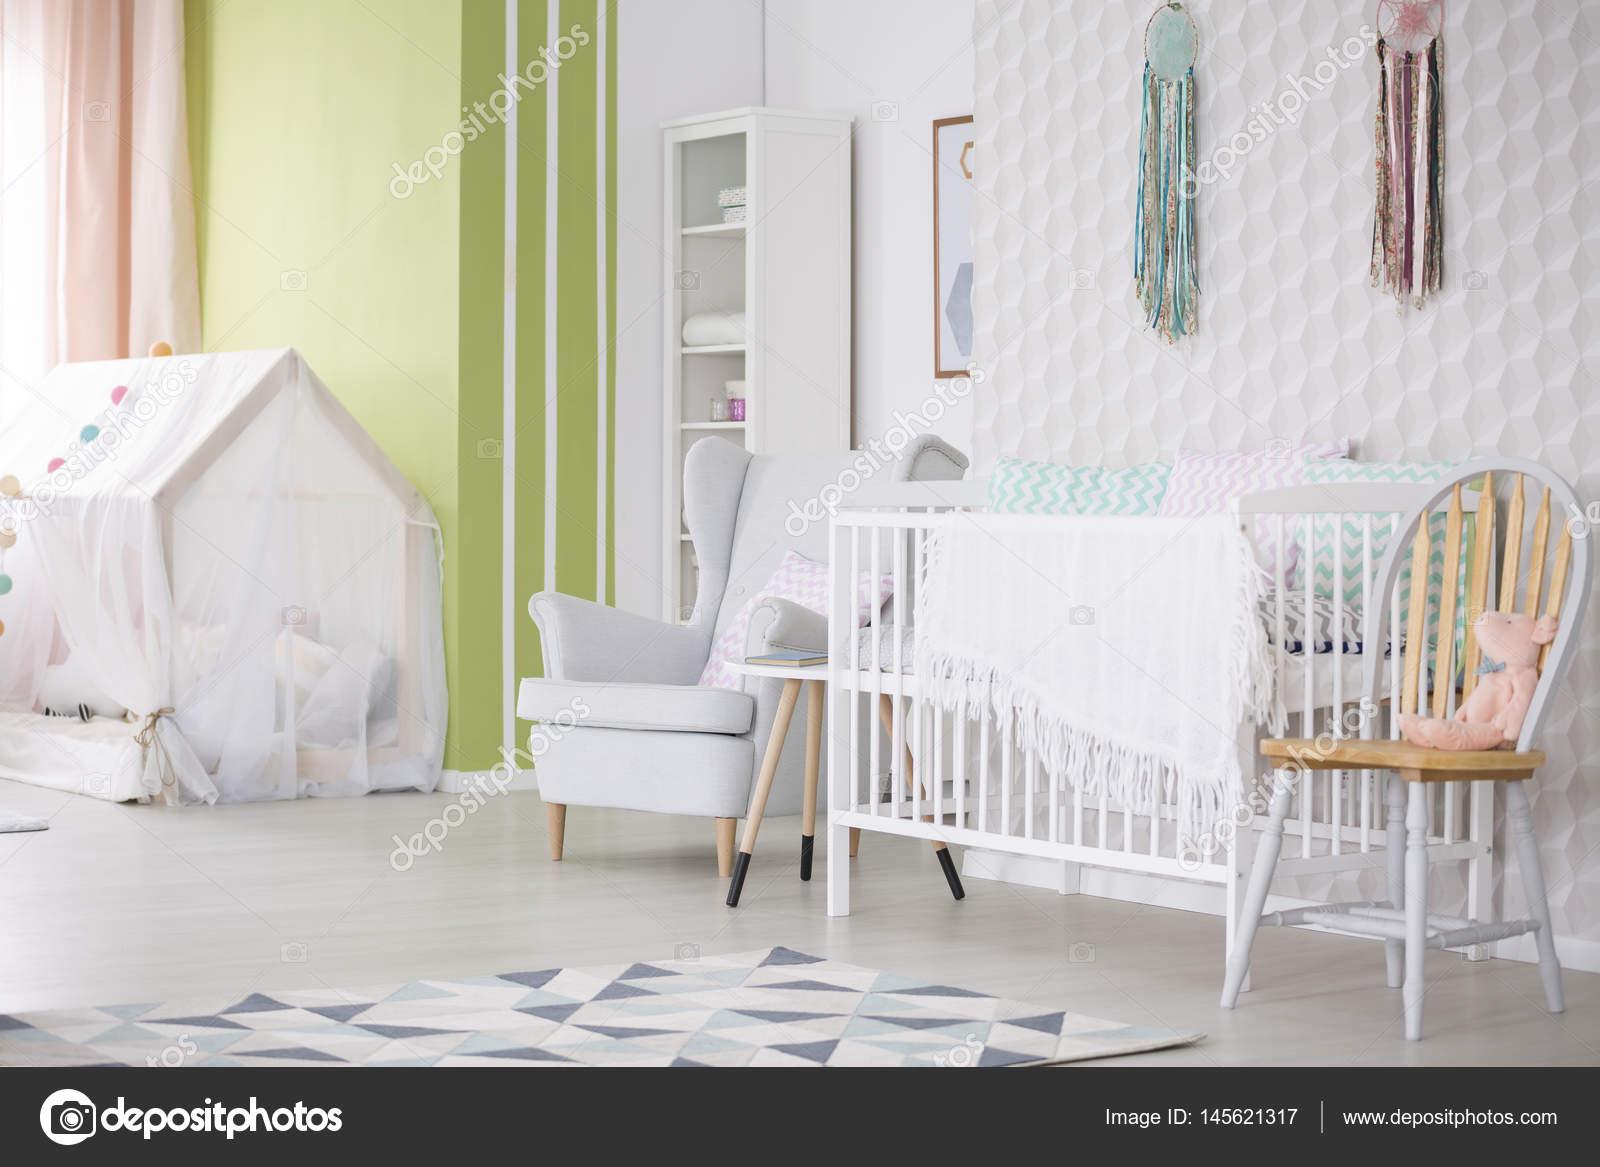 Sessel Babyzimmer babyzimmer mit stuhl sessel und krippe stockfoto photographee